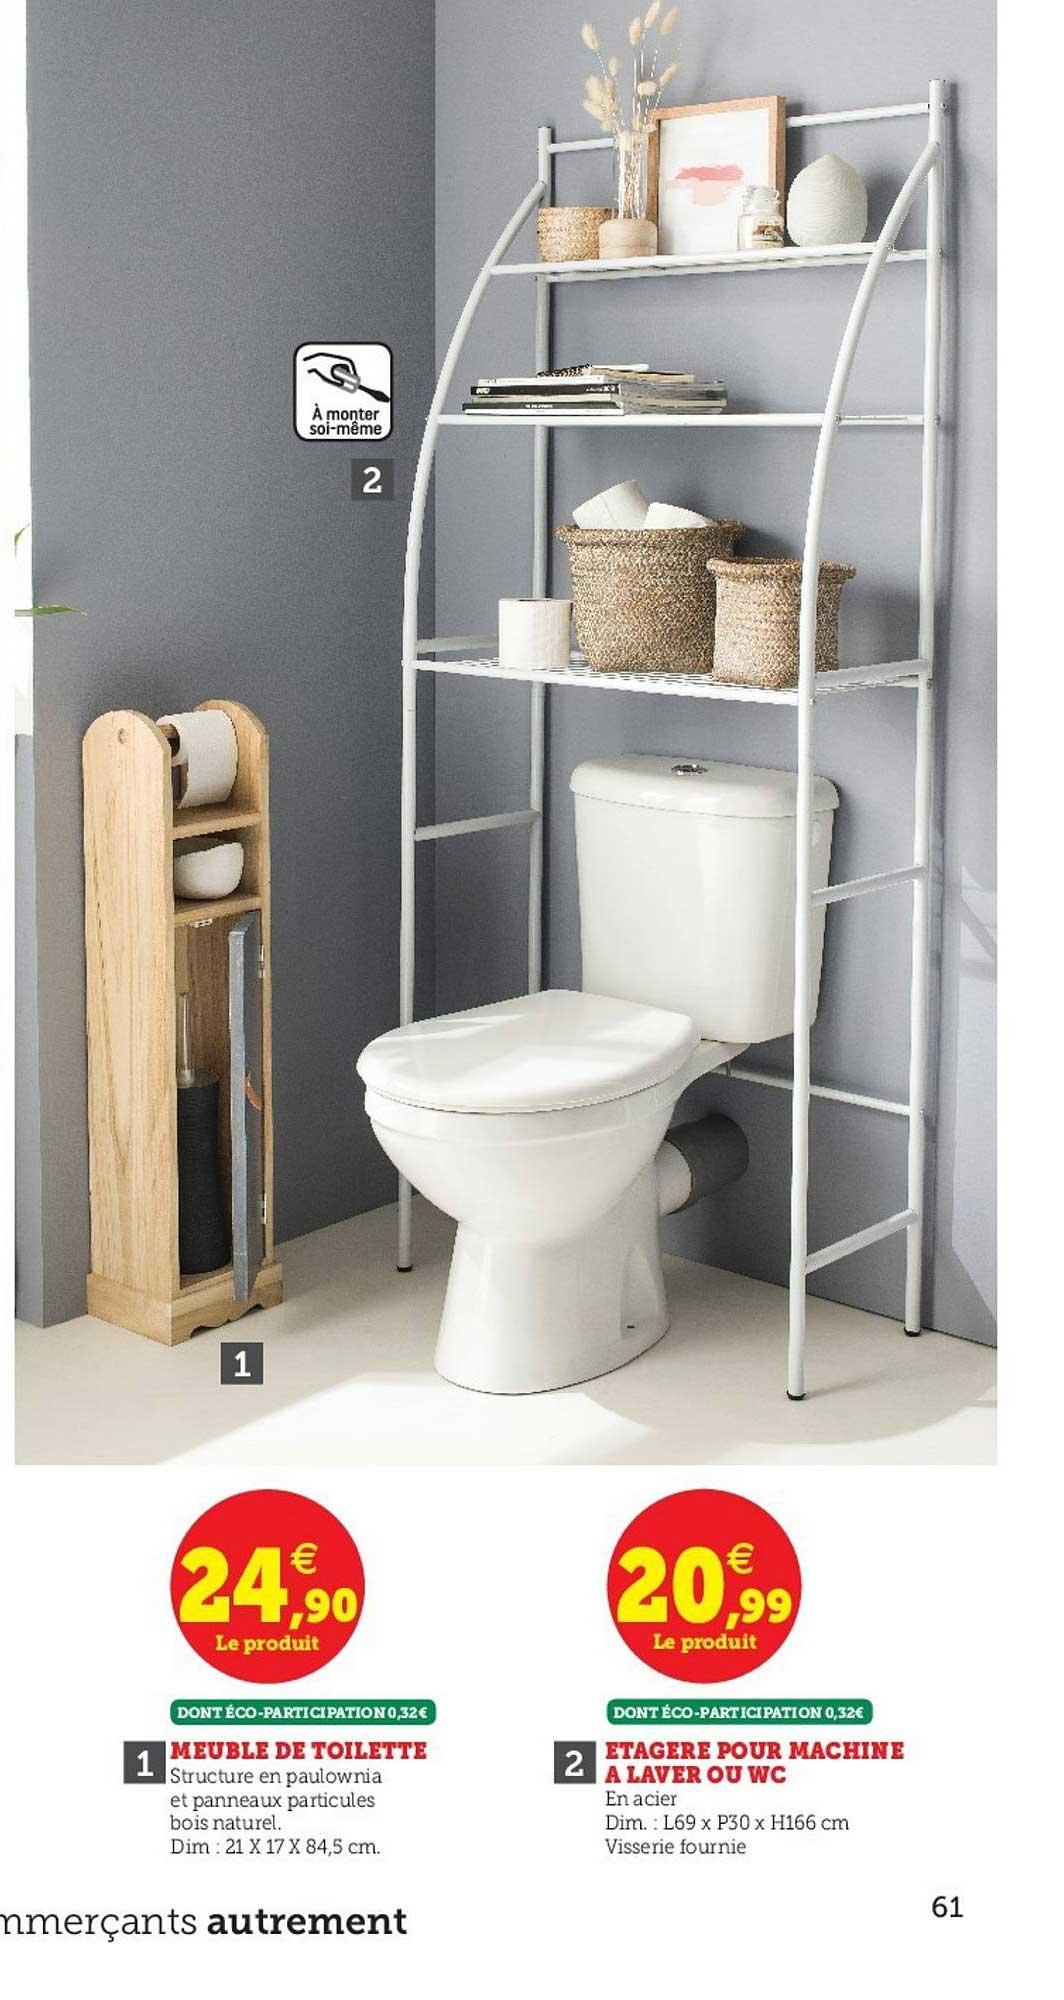 Offre Meuble De Toilette Etagere Pour Machine A Laver Ou Wc Chez Hyper U